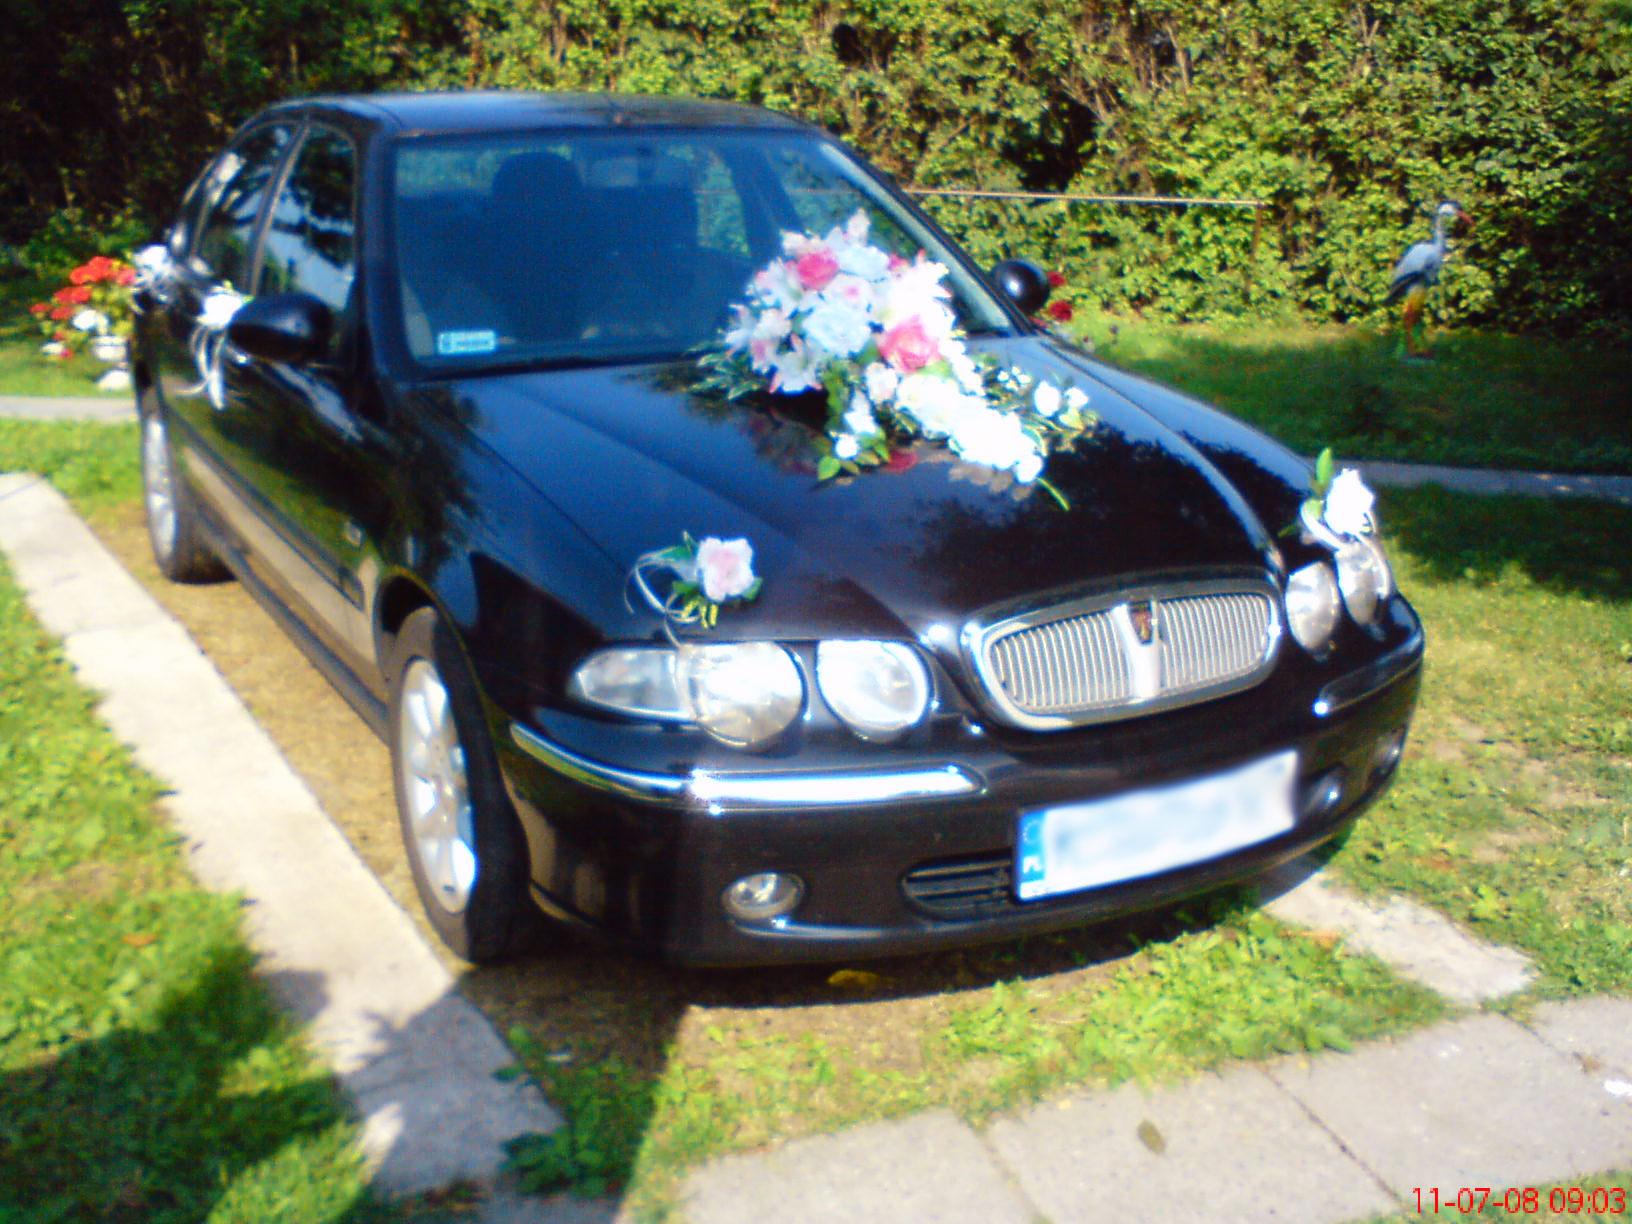 Wspaniały Dekoracja samochodu na ślub - Kwiaciarnia Bukiecik XR63